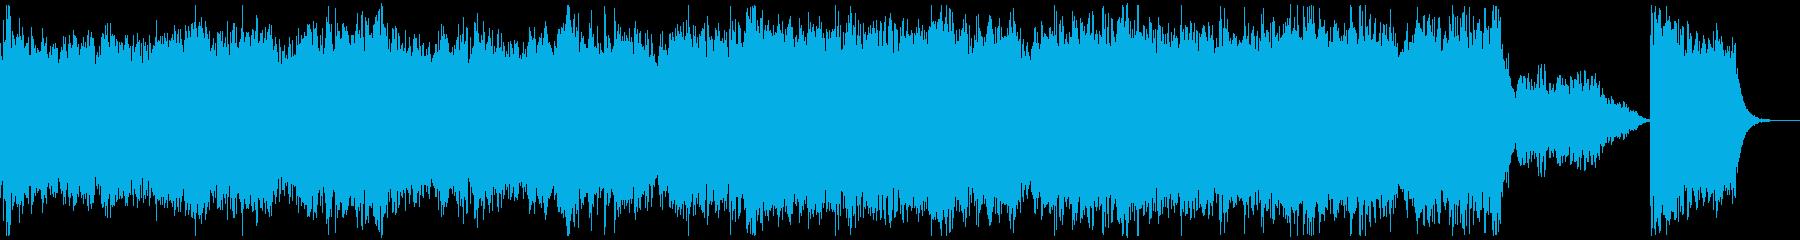 オープニングに合う壮大なオーケストラの再生済みの波形